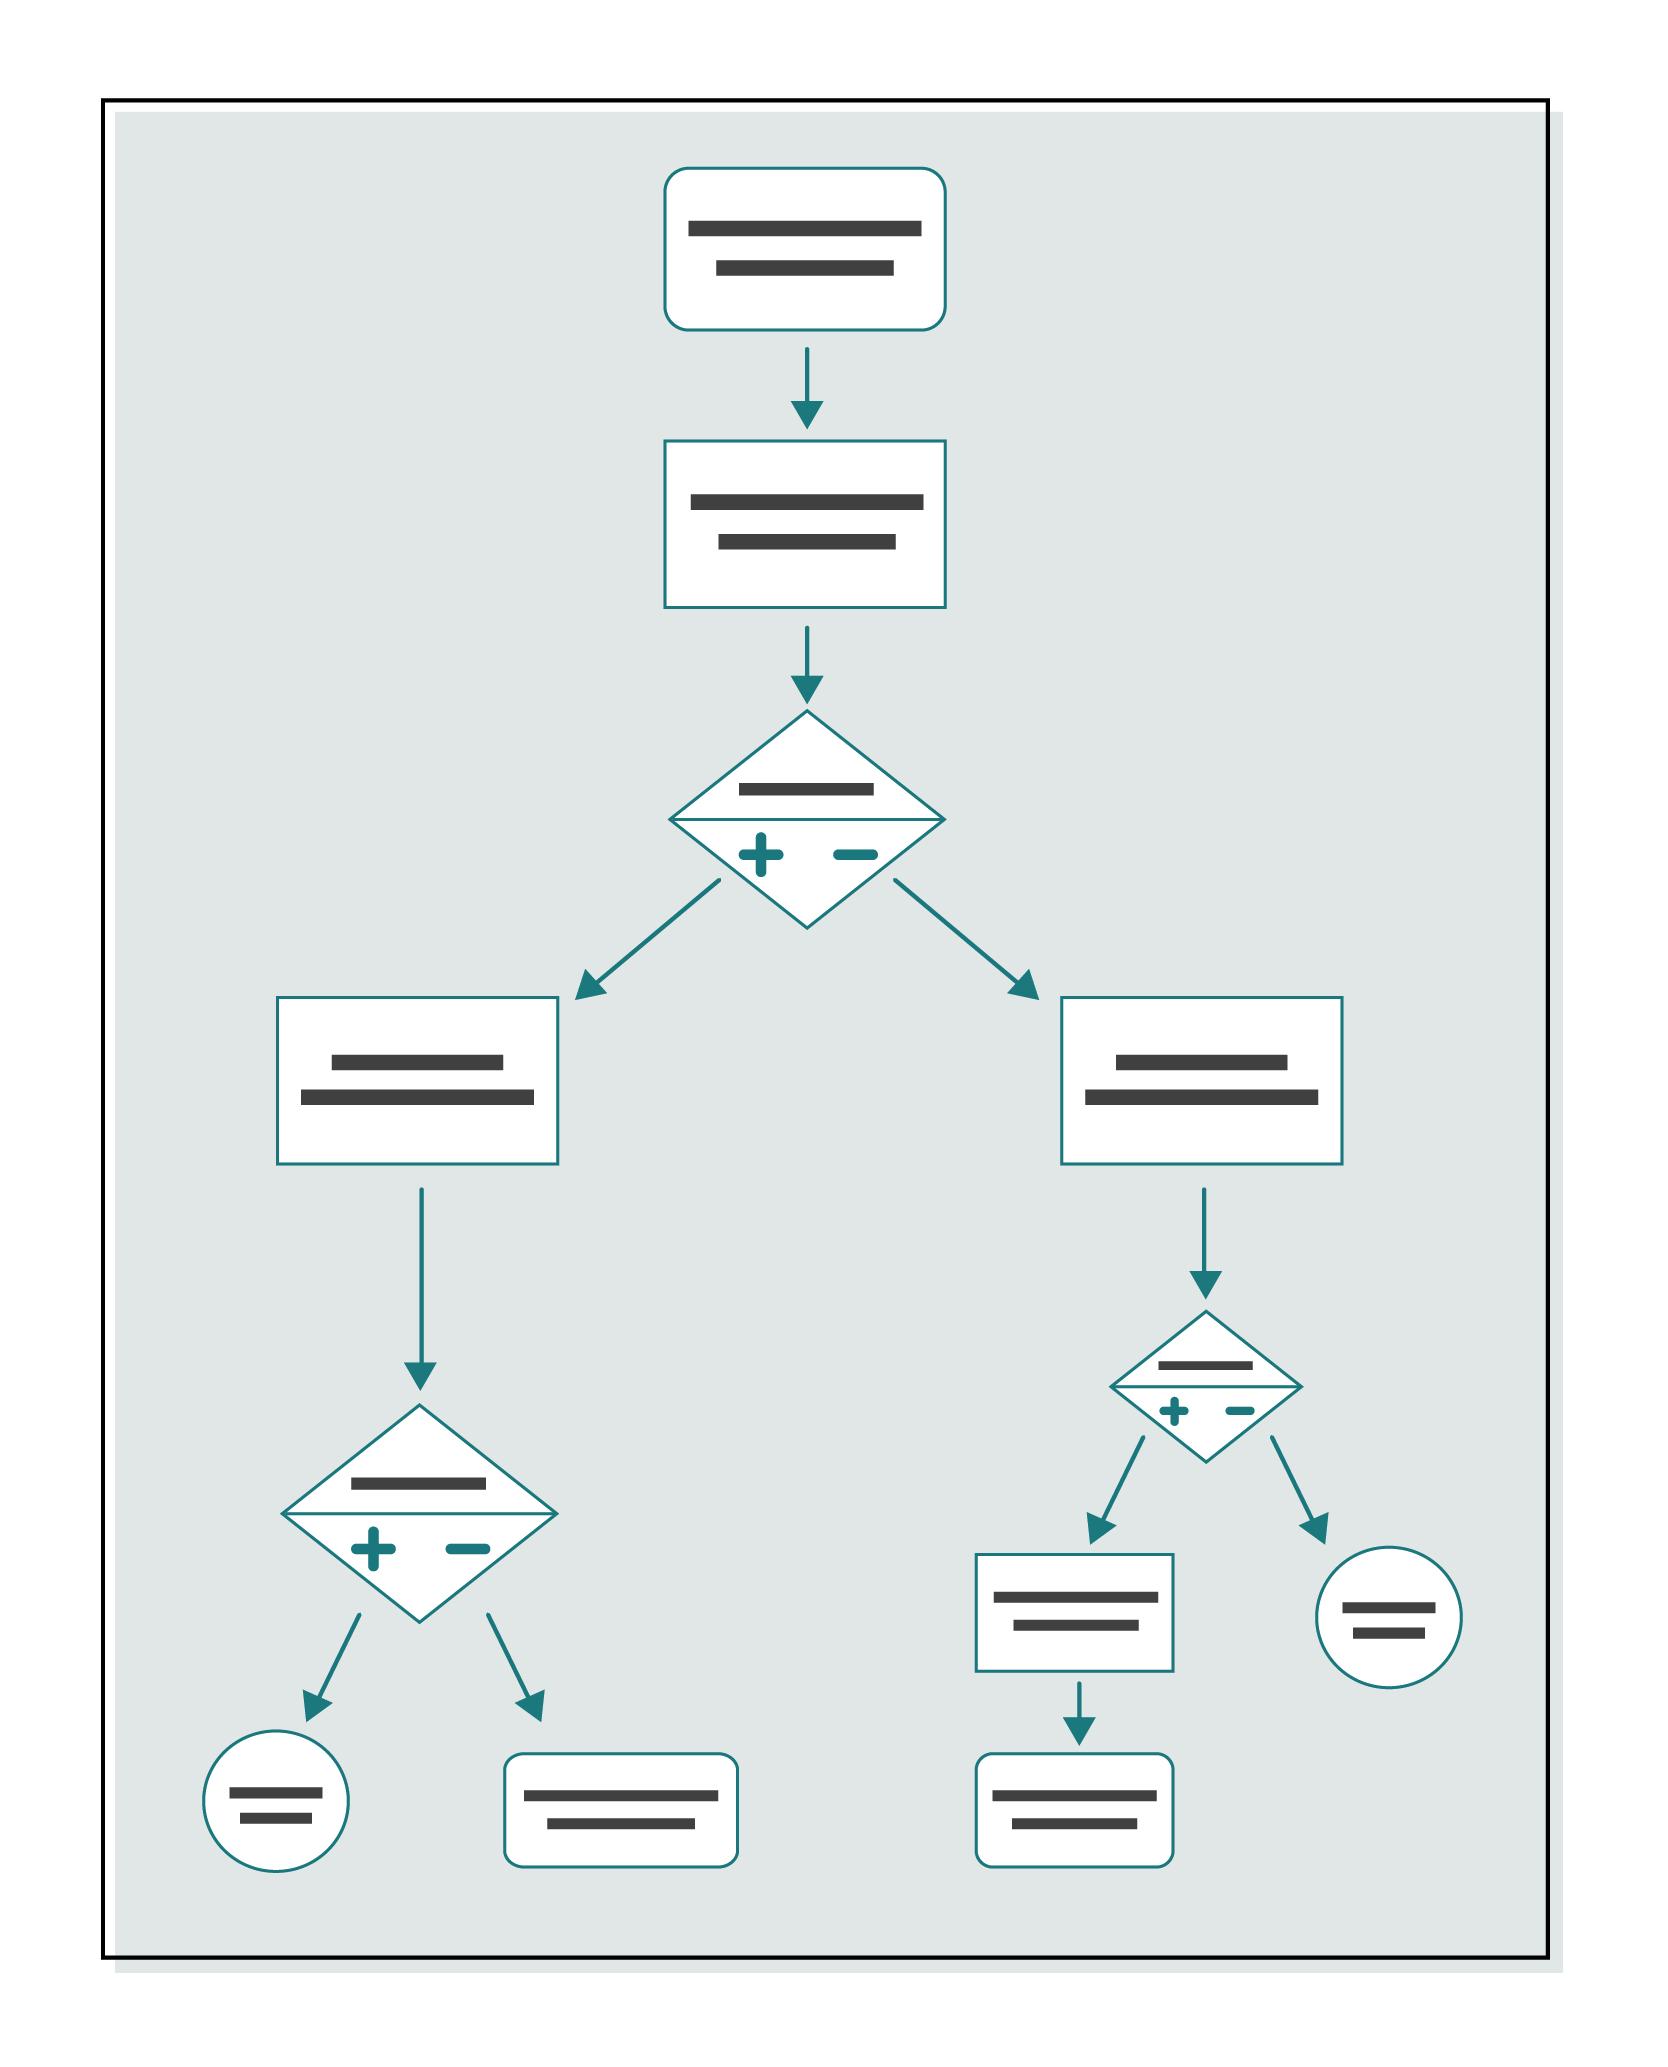 Schön Flussdiagramm Erstellen Galerie - Der Schaltplan - triangre.info